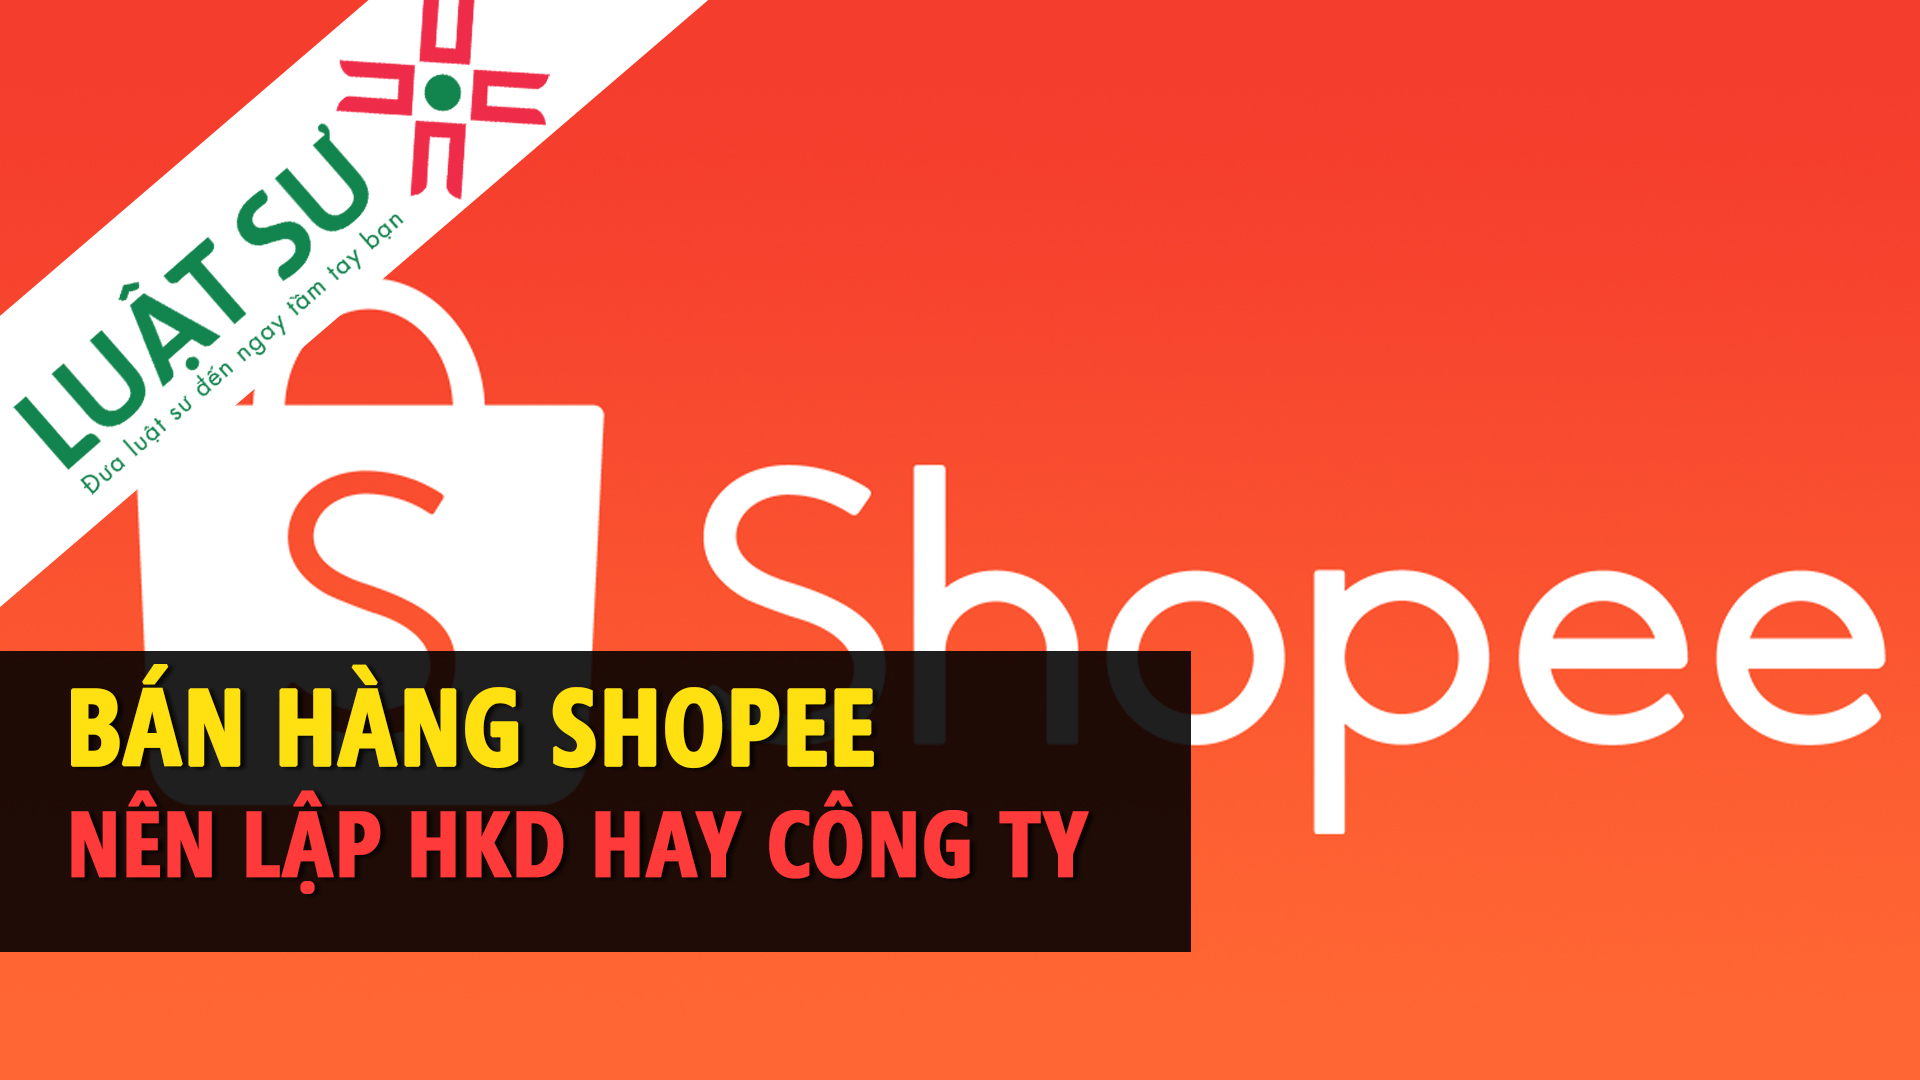 Bán hàng trên Shopee nên đăng ký hộ kinh doanh hay công ty?